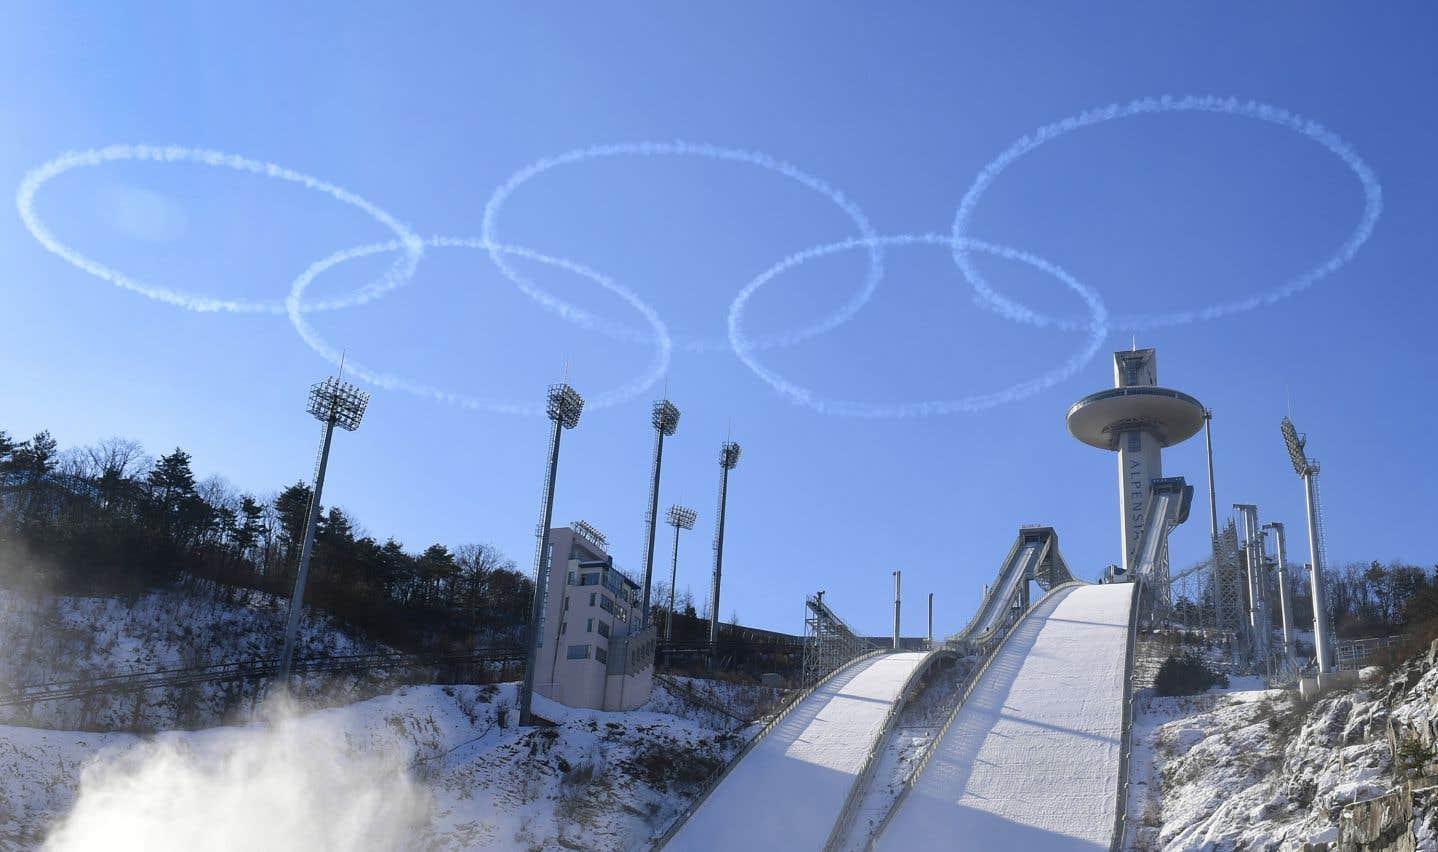 Des membres de l'équipe de l'armée de l'air sud-coréenne effectuent des acrobaties au-dessus du site de saut à ski des Jeux olympiques d'hiver de Pyeongchang, le 10 janvier dernier.